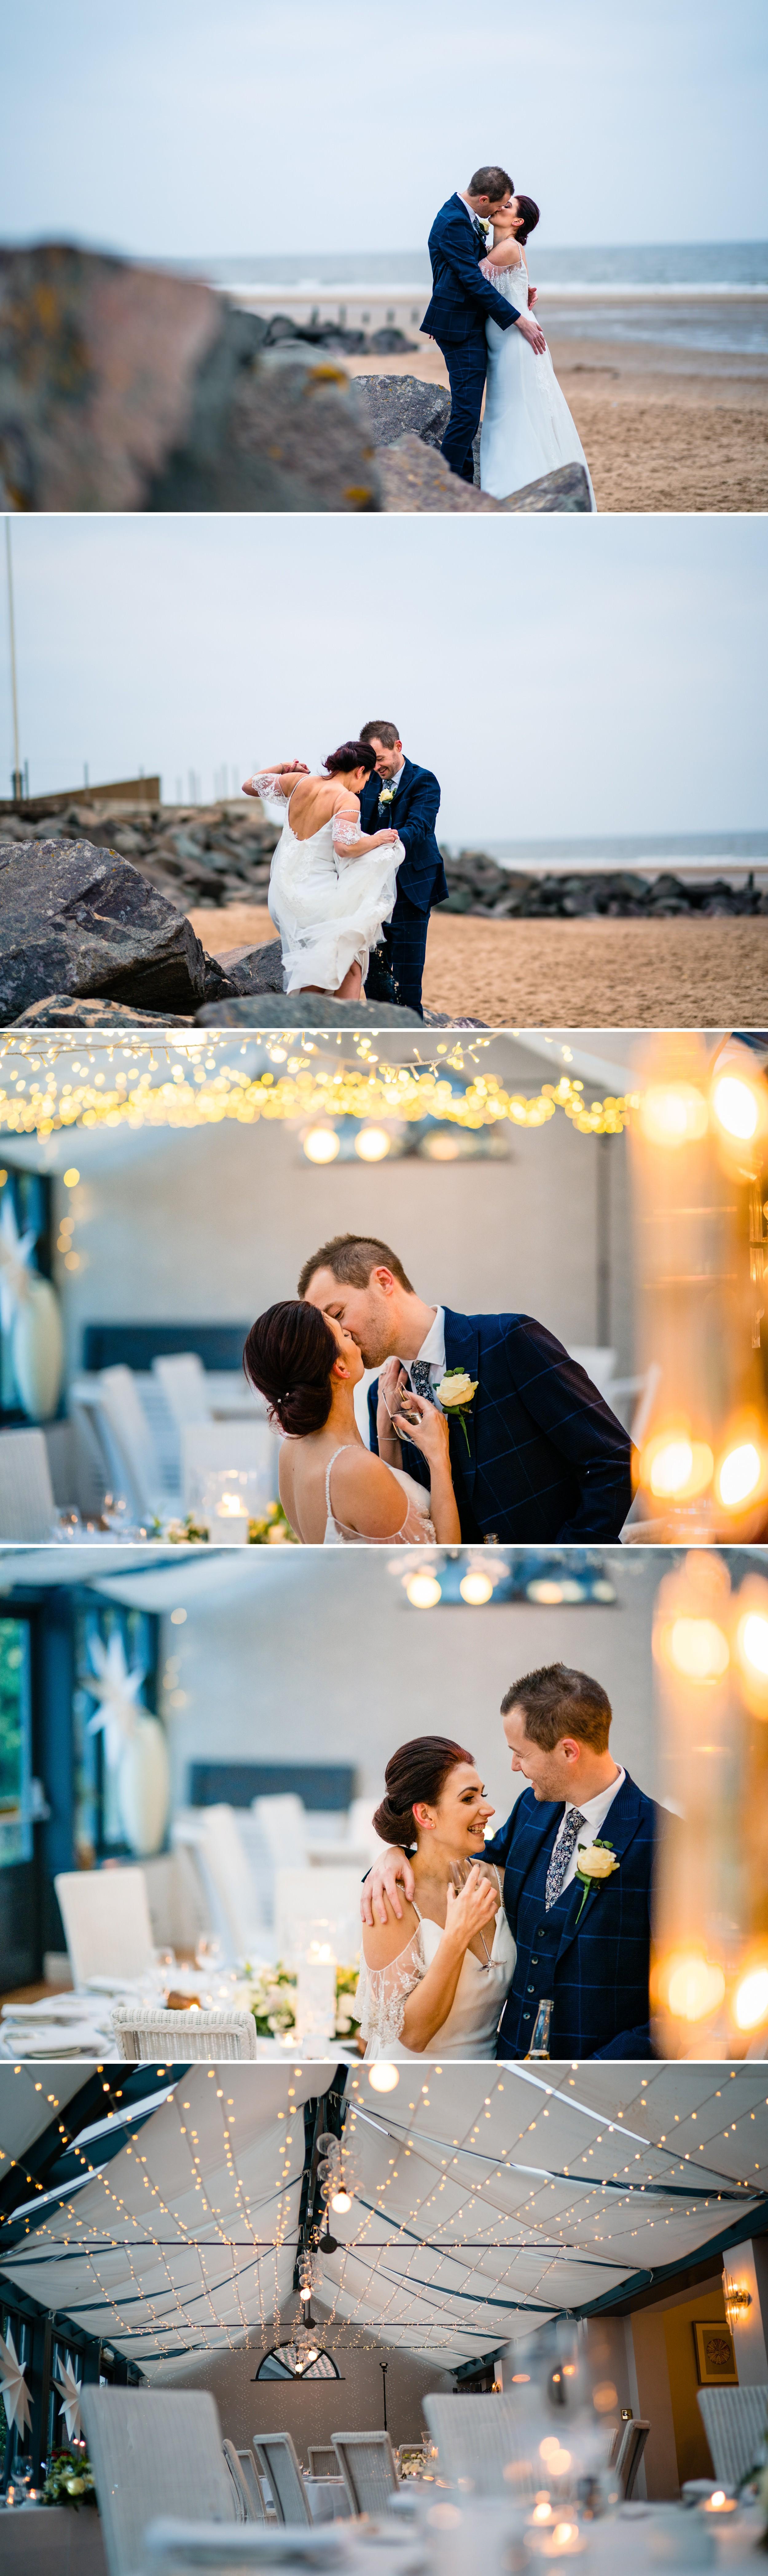 Titchwell-manor-north-norfolk-wedding_Michelle-Oliver_0015.jpg